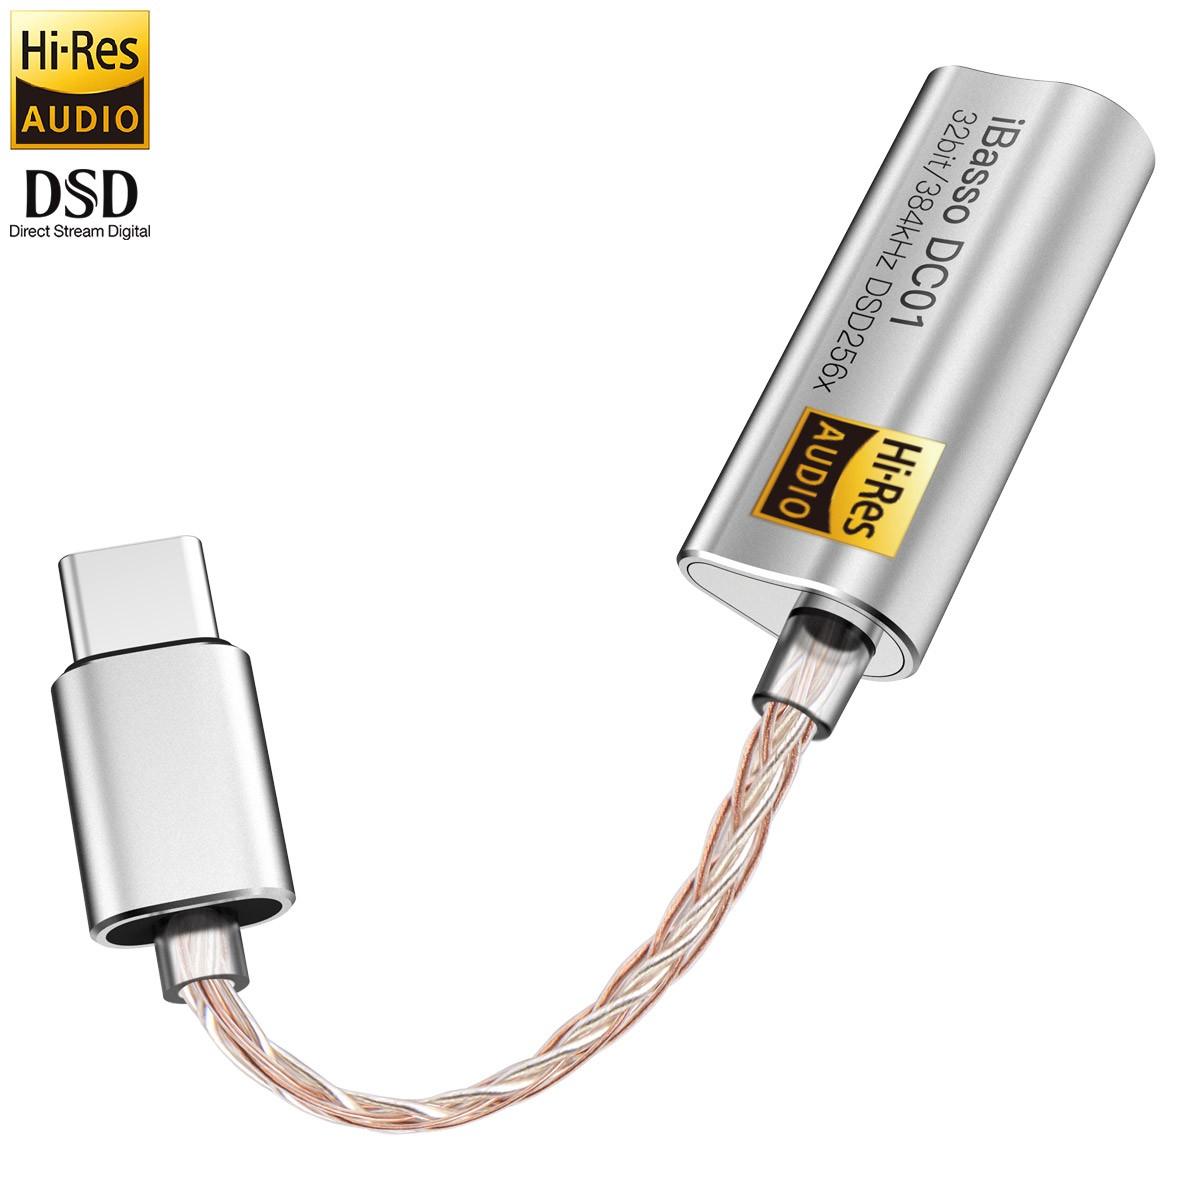 IBASSO DC01 Adaptateur Amplificateur casque DAC Symétrique USB-C Hi-Res AK4493 32bit 384kHz DSD256